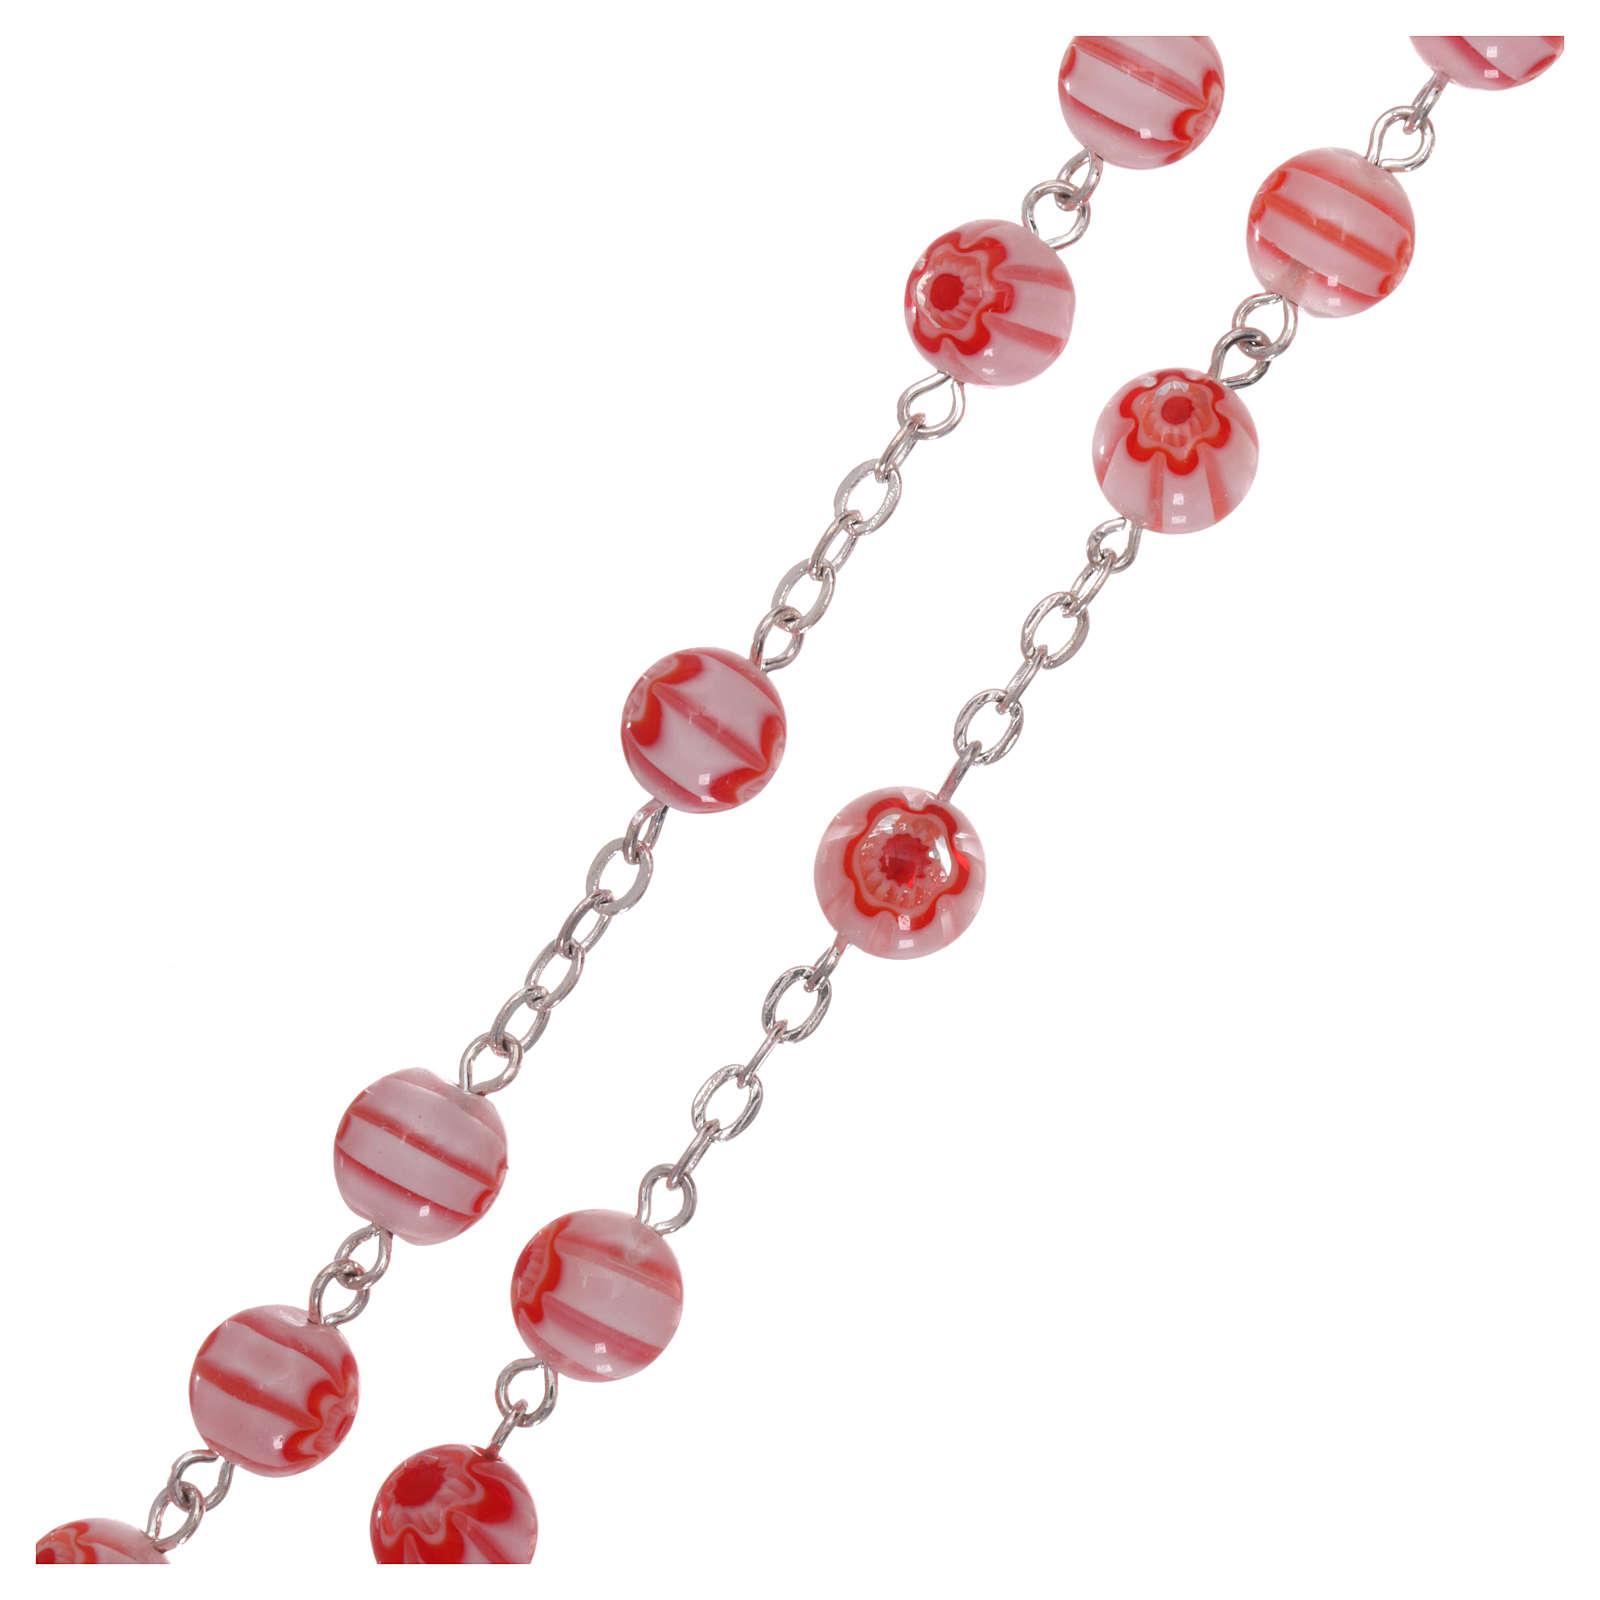 Rosario vidrio estilo Murrina rosa motivos floreales cuentas 8 mm 4